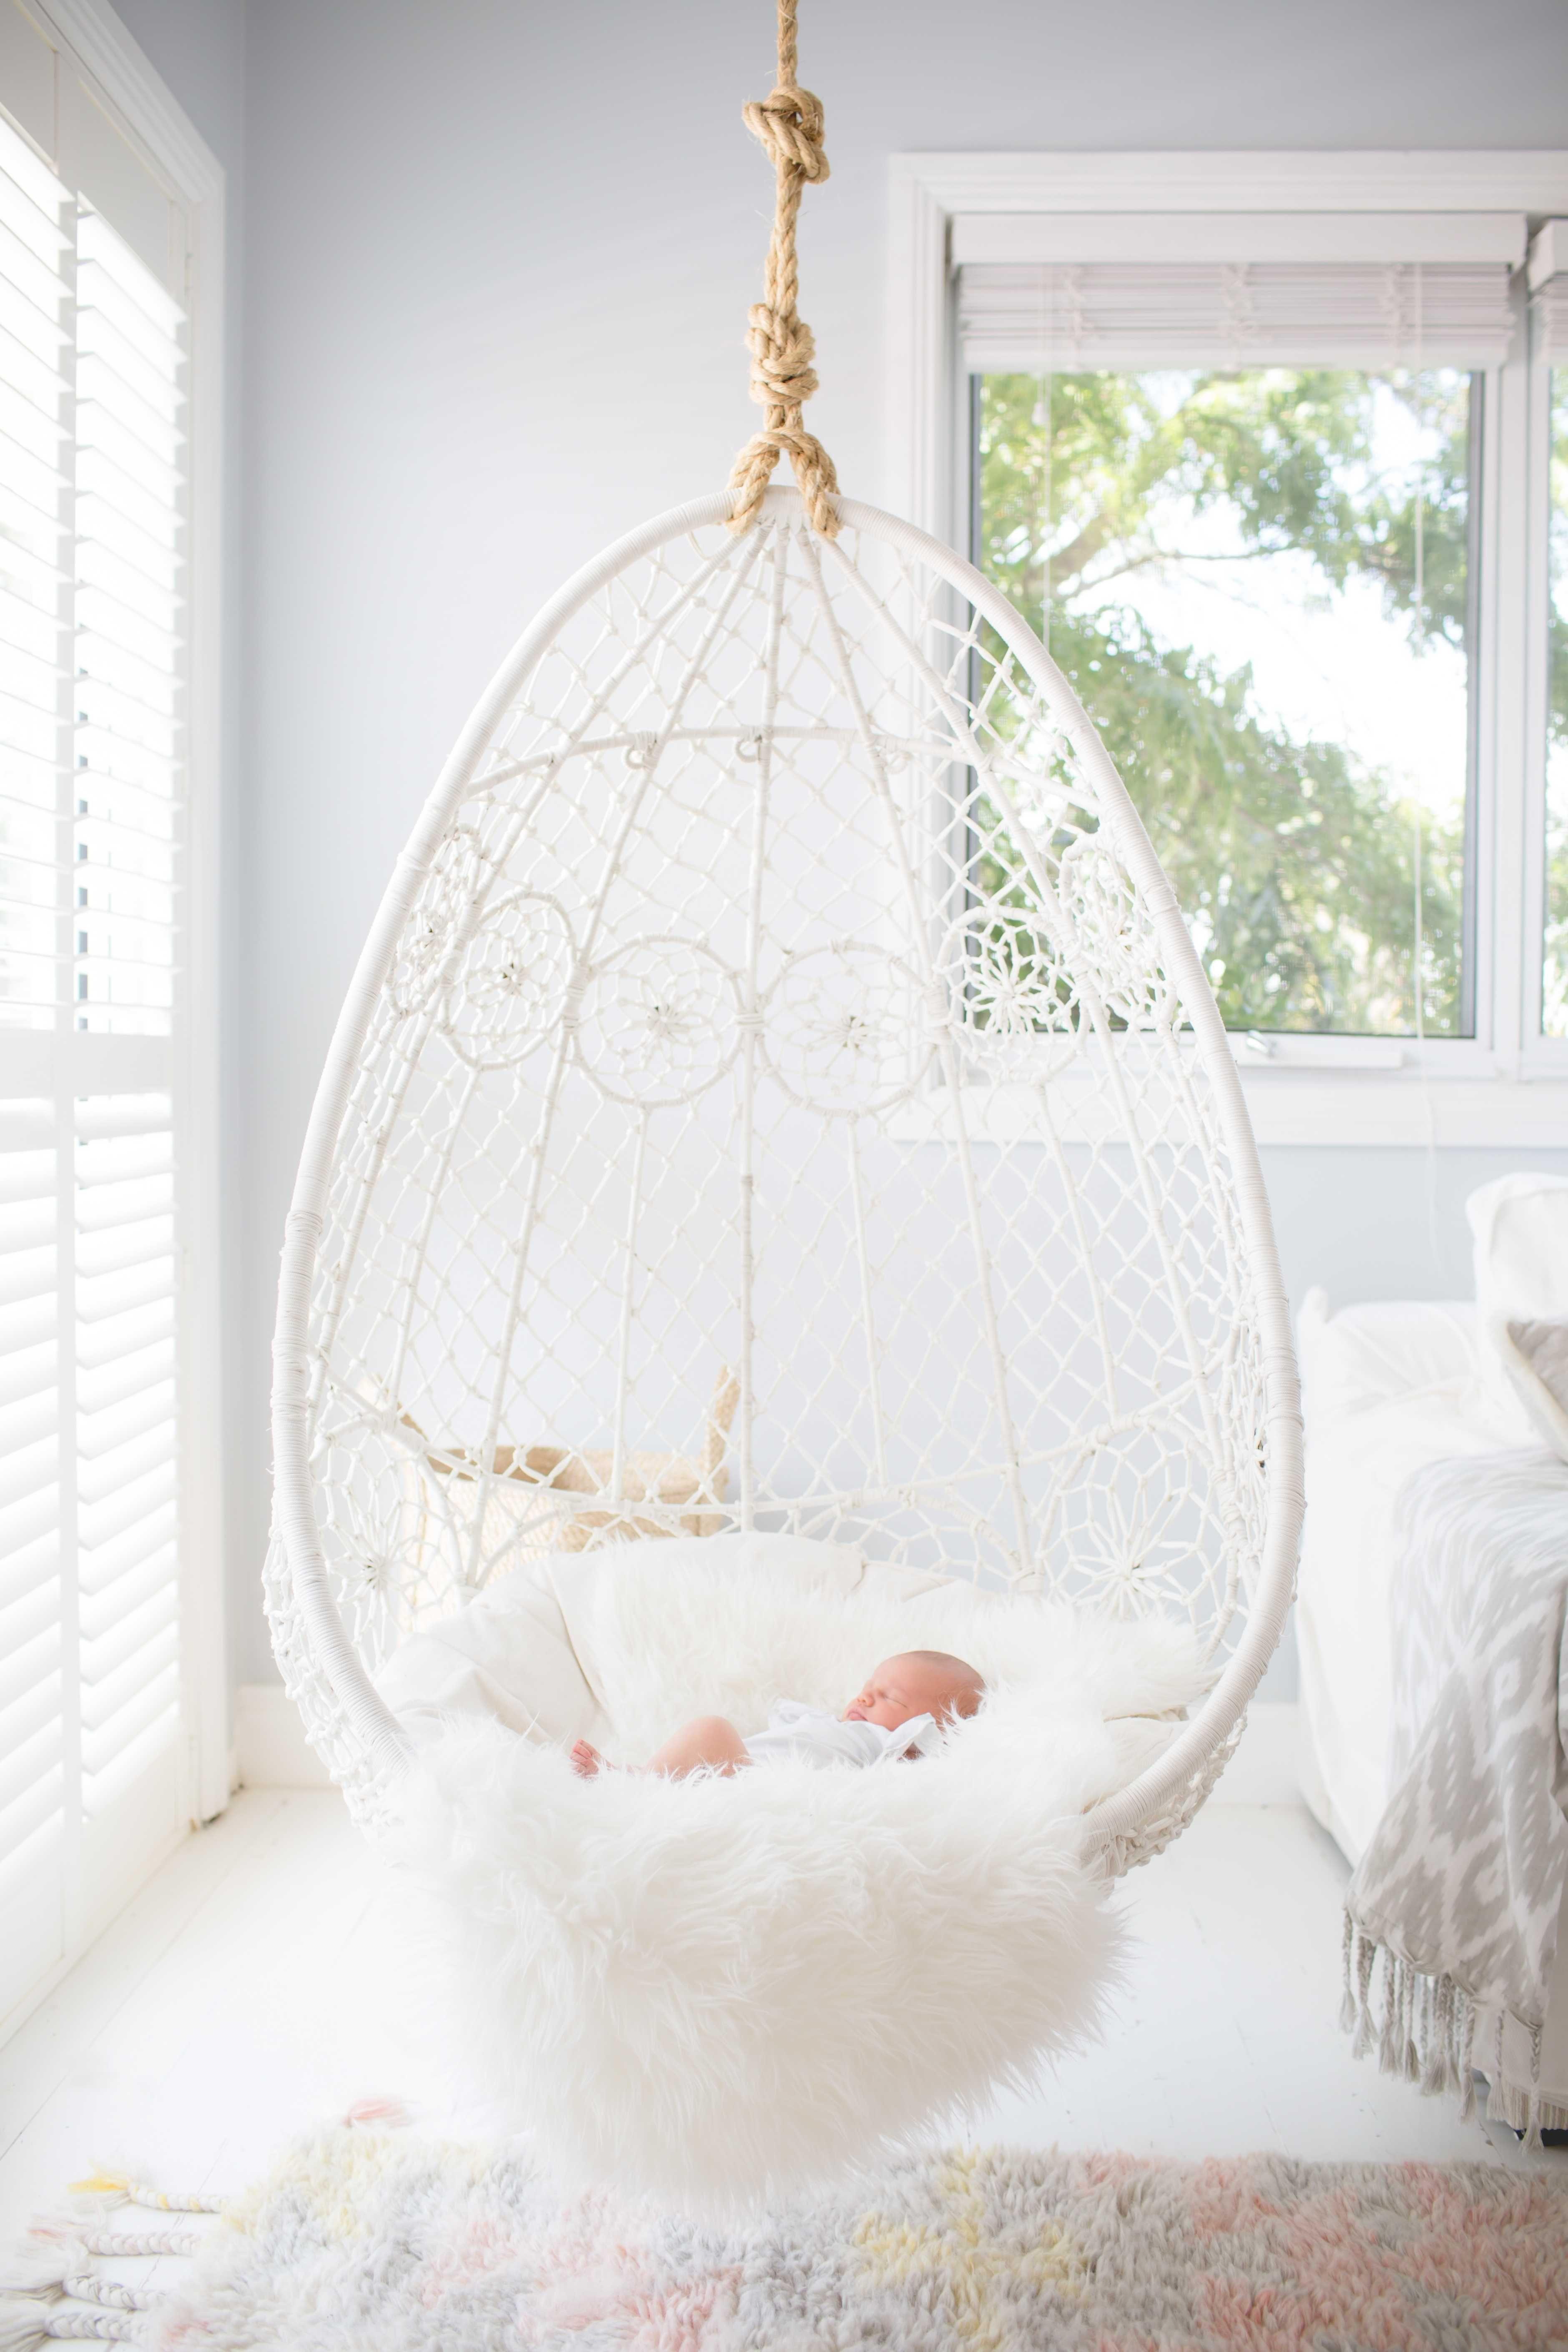 Genial Hanging Egg Stuhl Für Schlafzimmer (mit Bildern) | Stühle ...